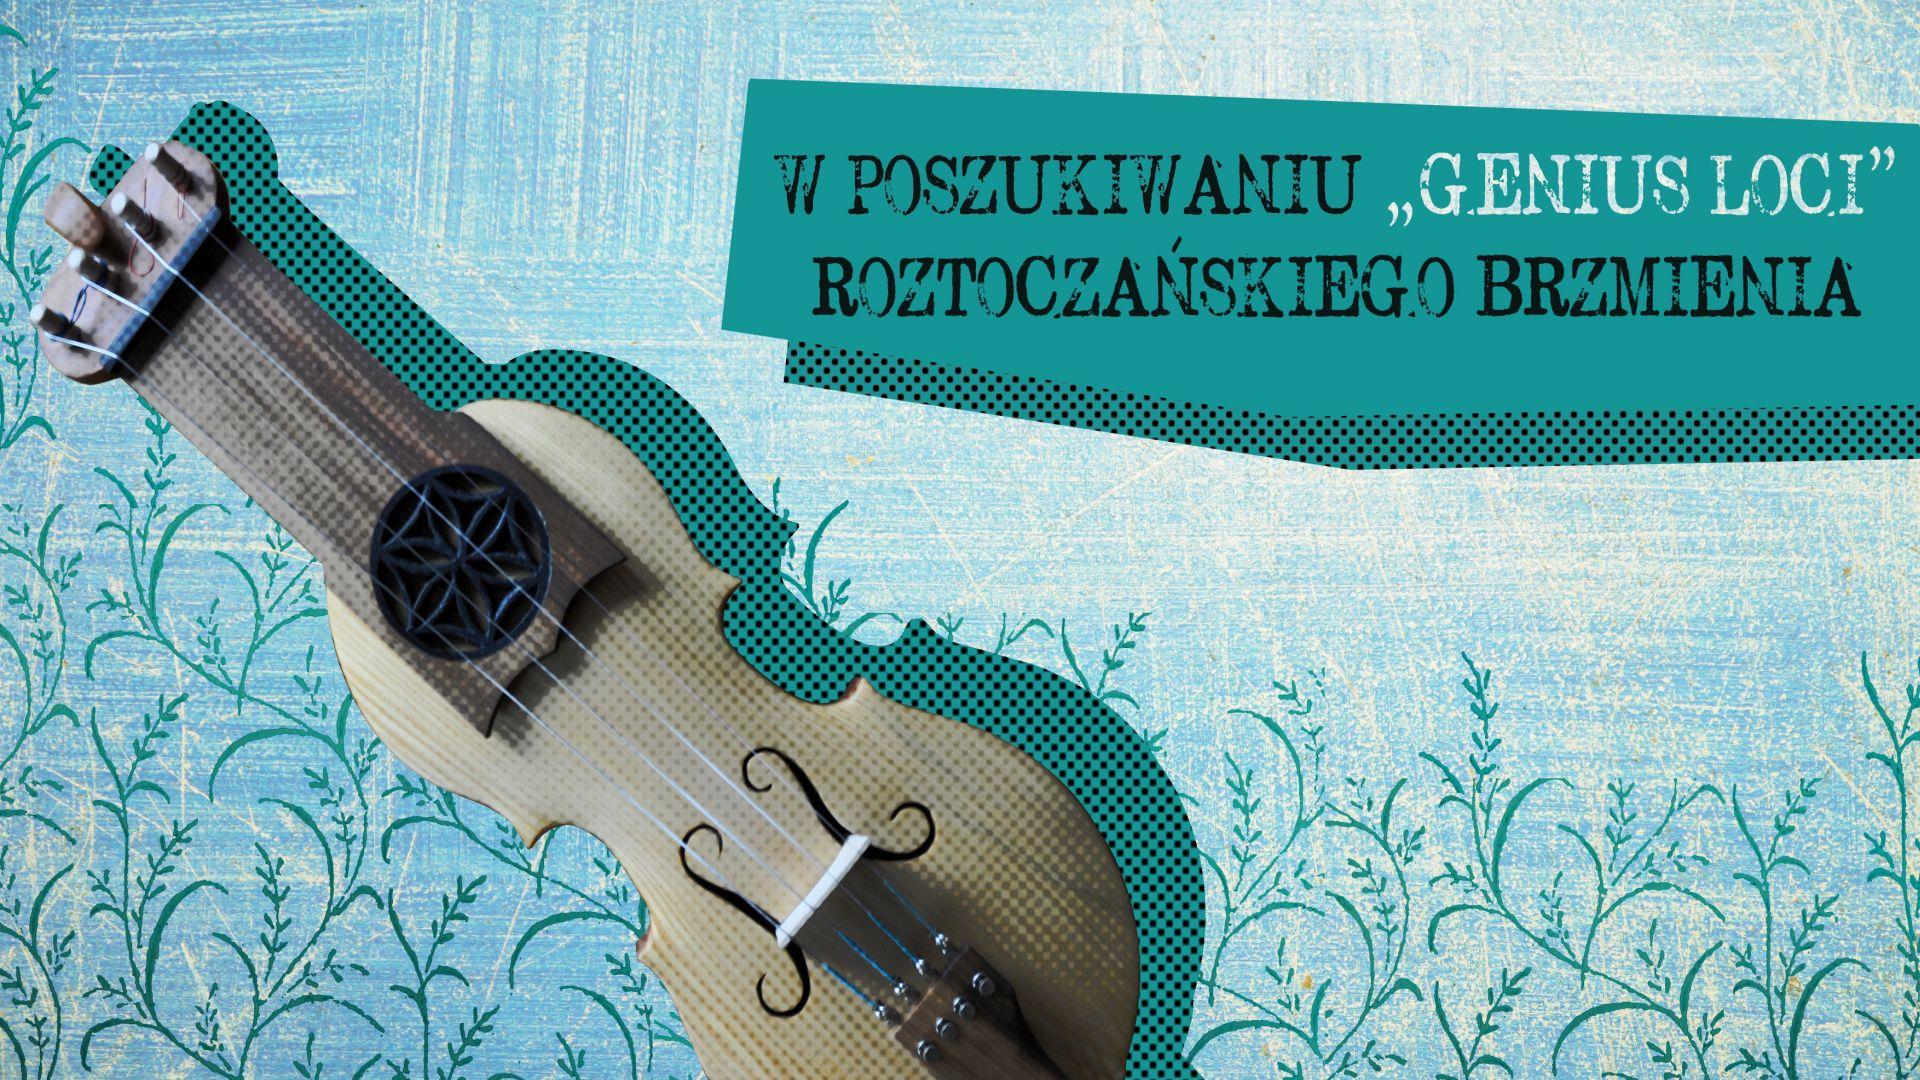 na jasnym, niebiesko-zielonym tle w roślinne motywy grafika przedstawiająca instrument - sukę biłgorajską. powyżej napis W poszukiwaniu Genius Loci roztoczańskiego brzmienia